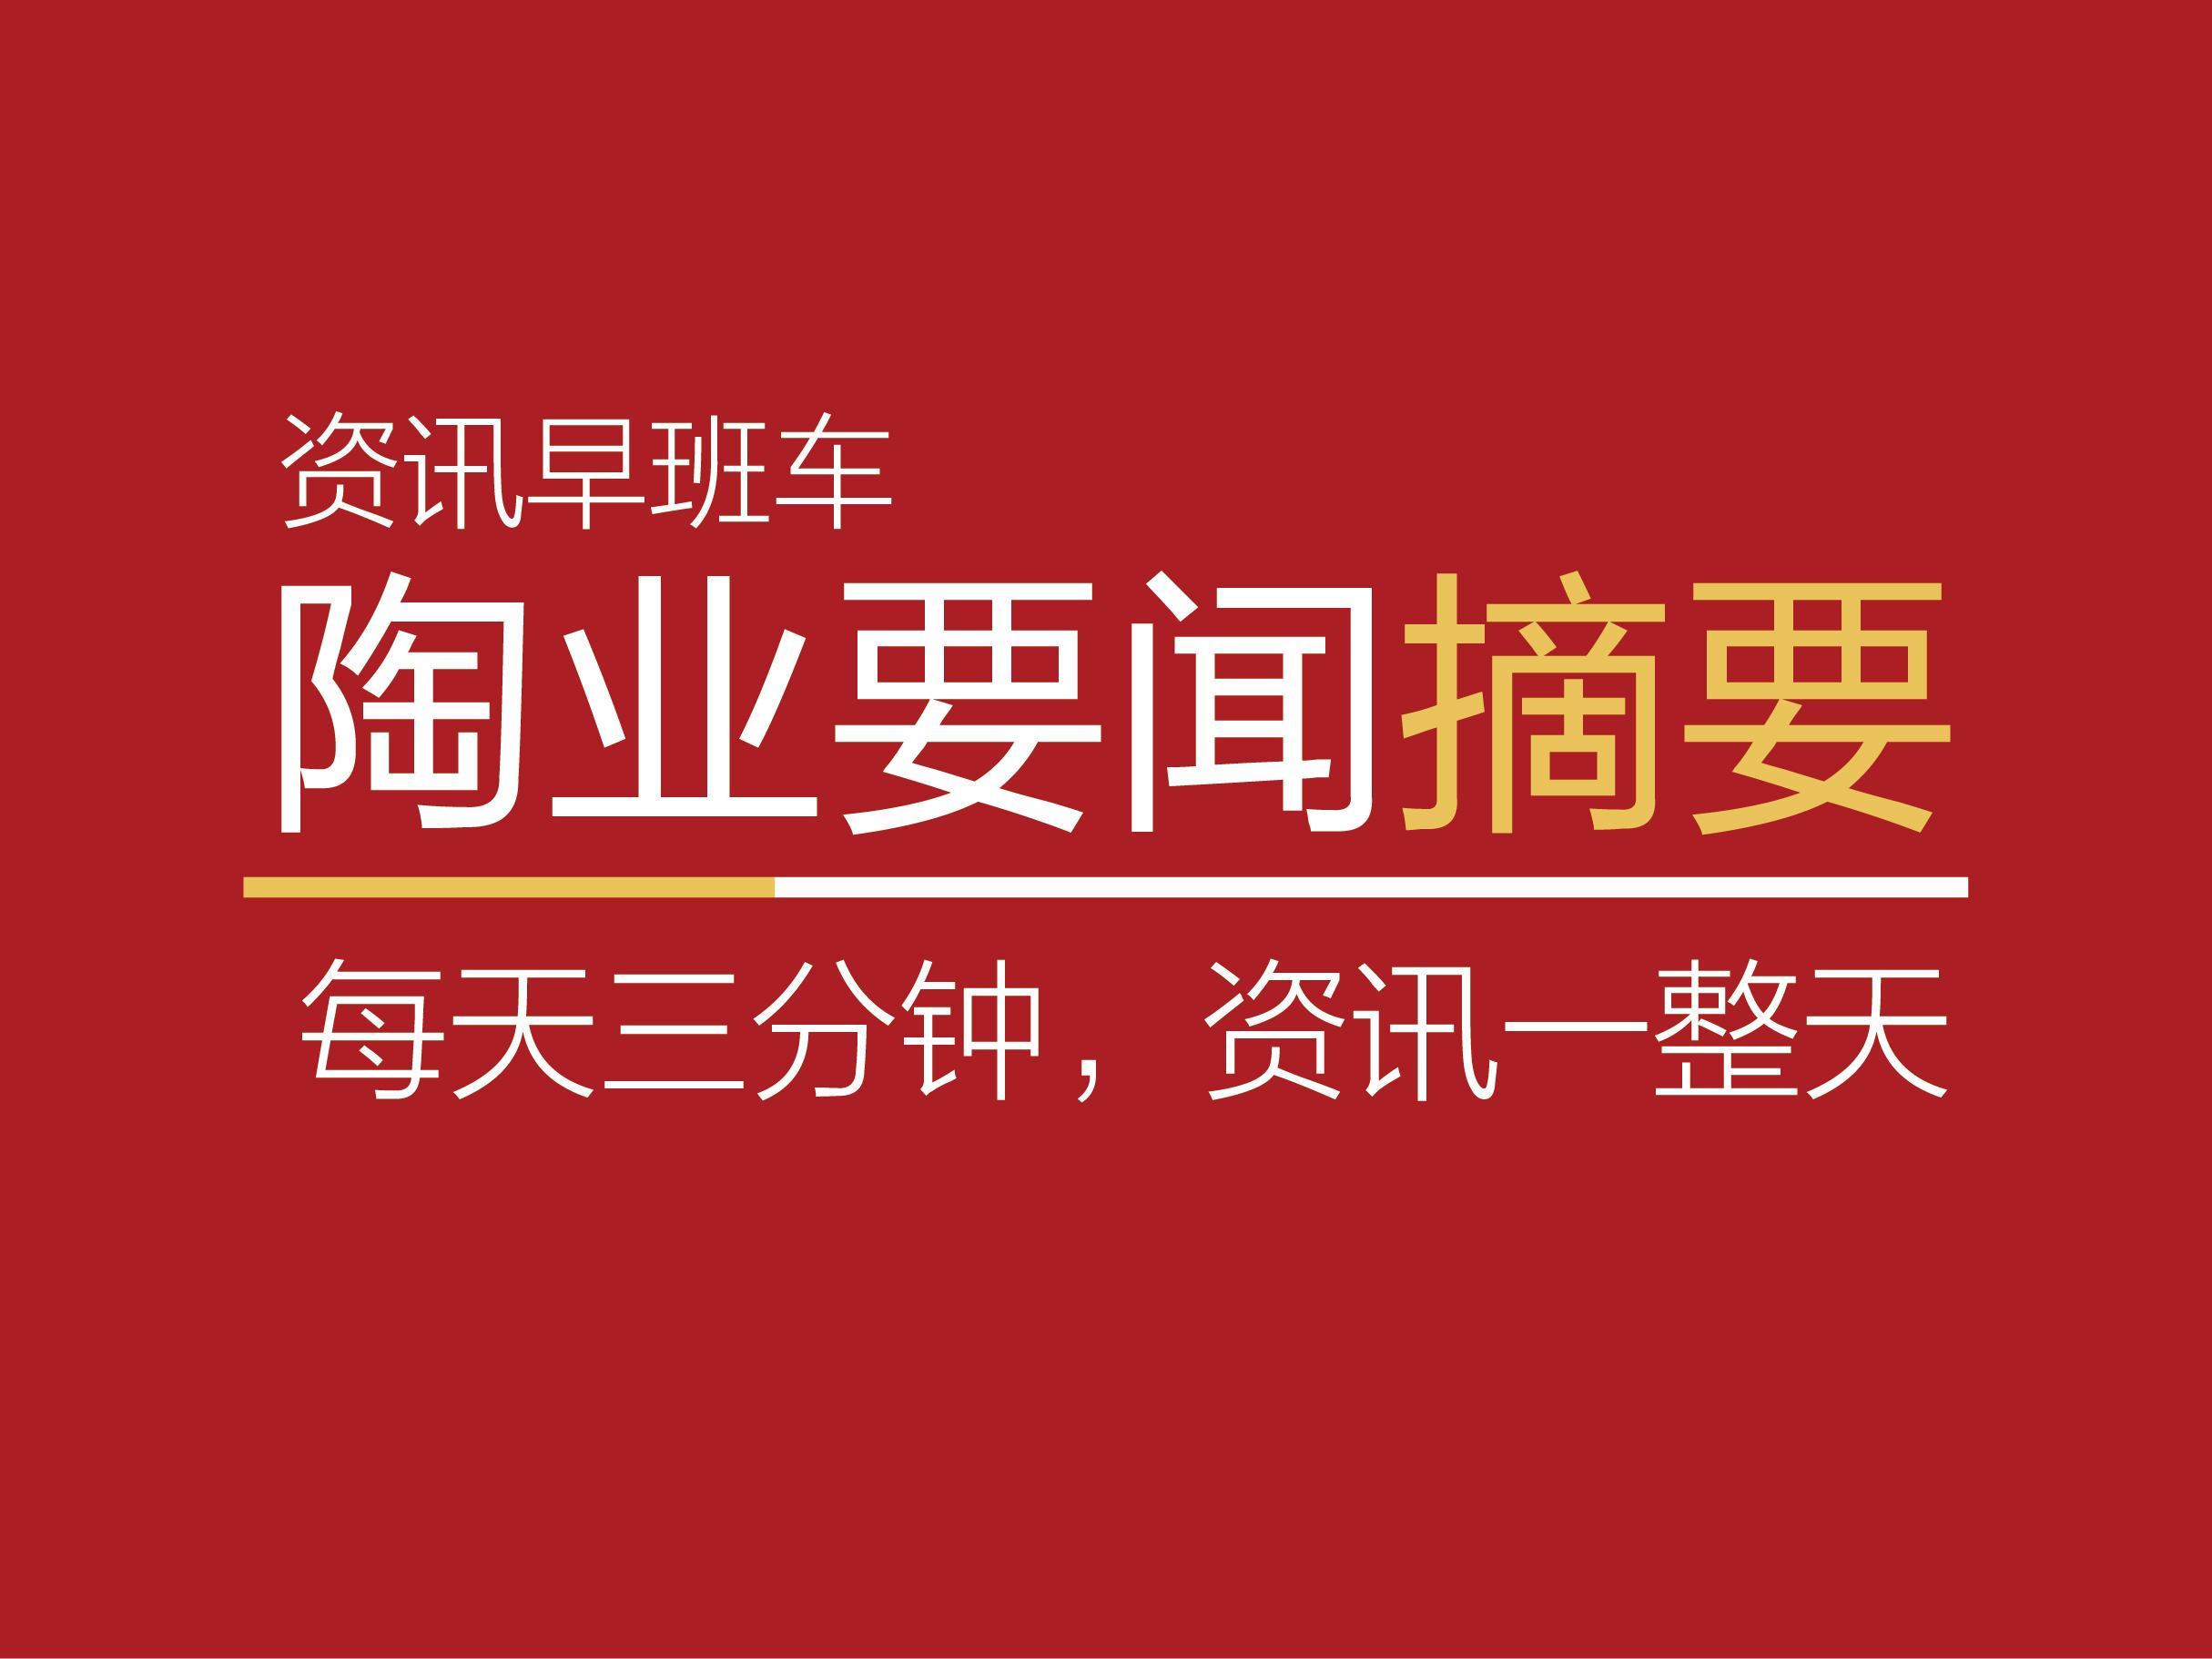 【行业资讯】2017年10月14日(第111期 周末版)